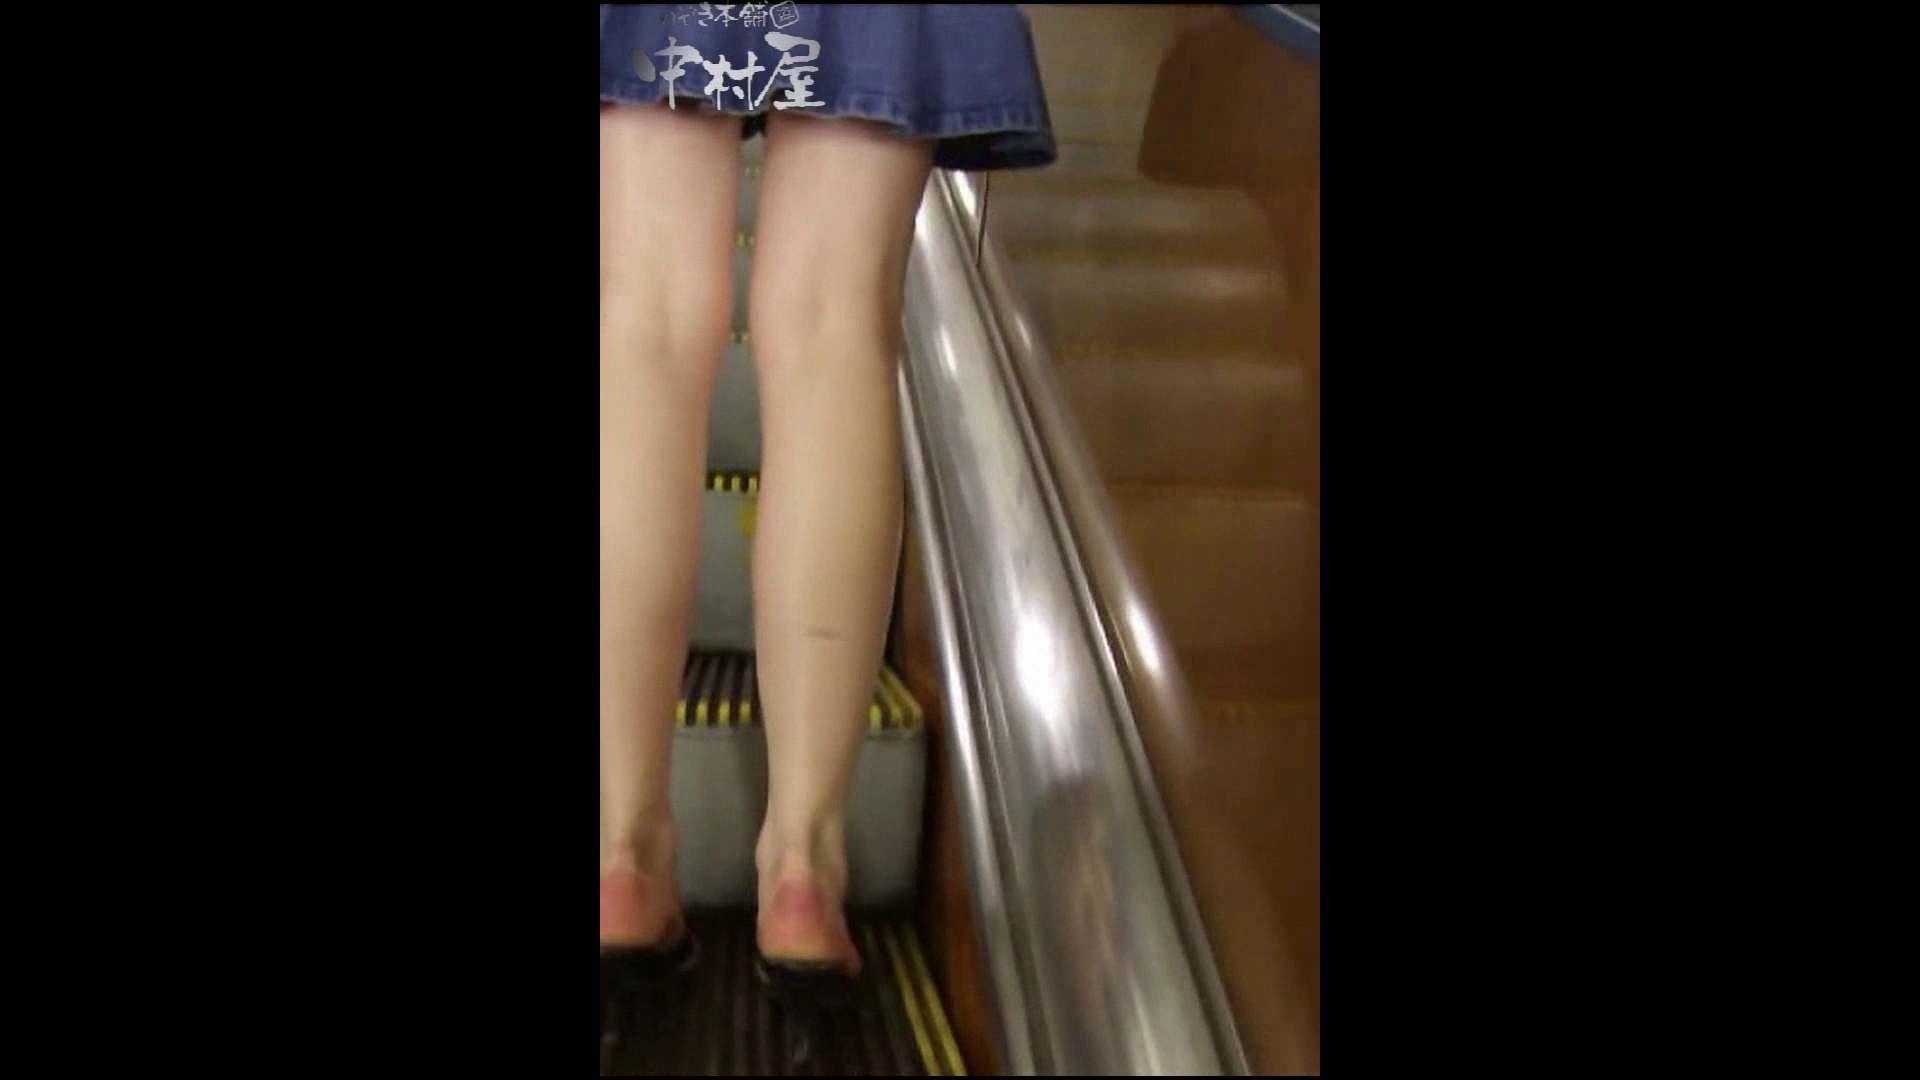 綺麗なモデルさんのスカート捲っちゃおう‼ vol07 お姉さんのエロ生活 AV無料 66連発 44